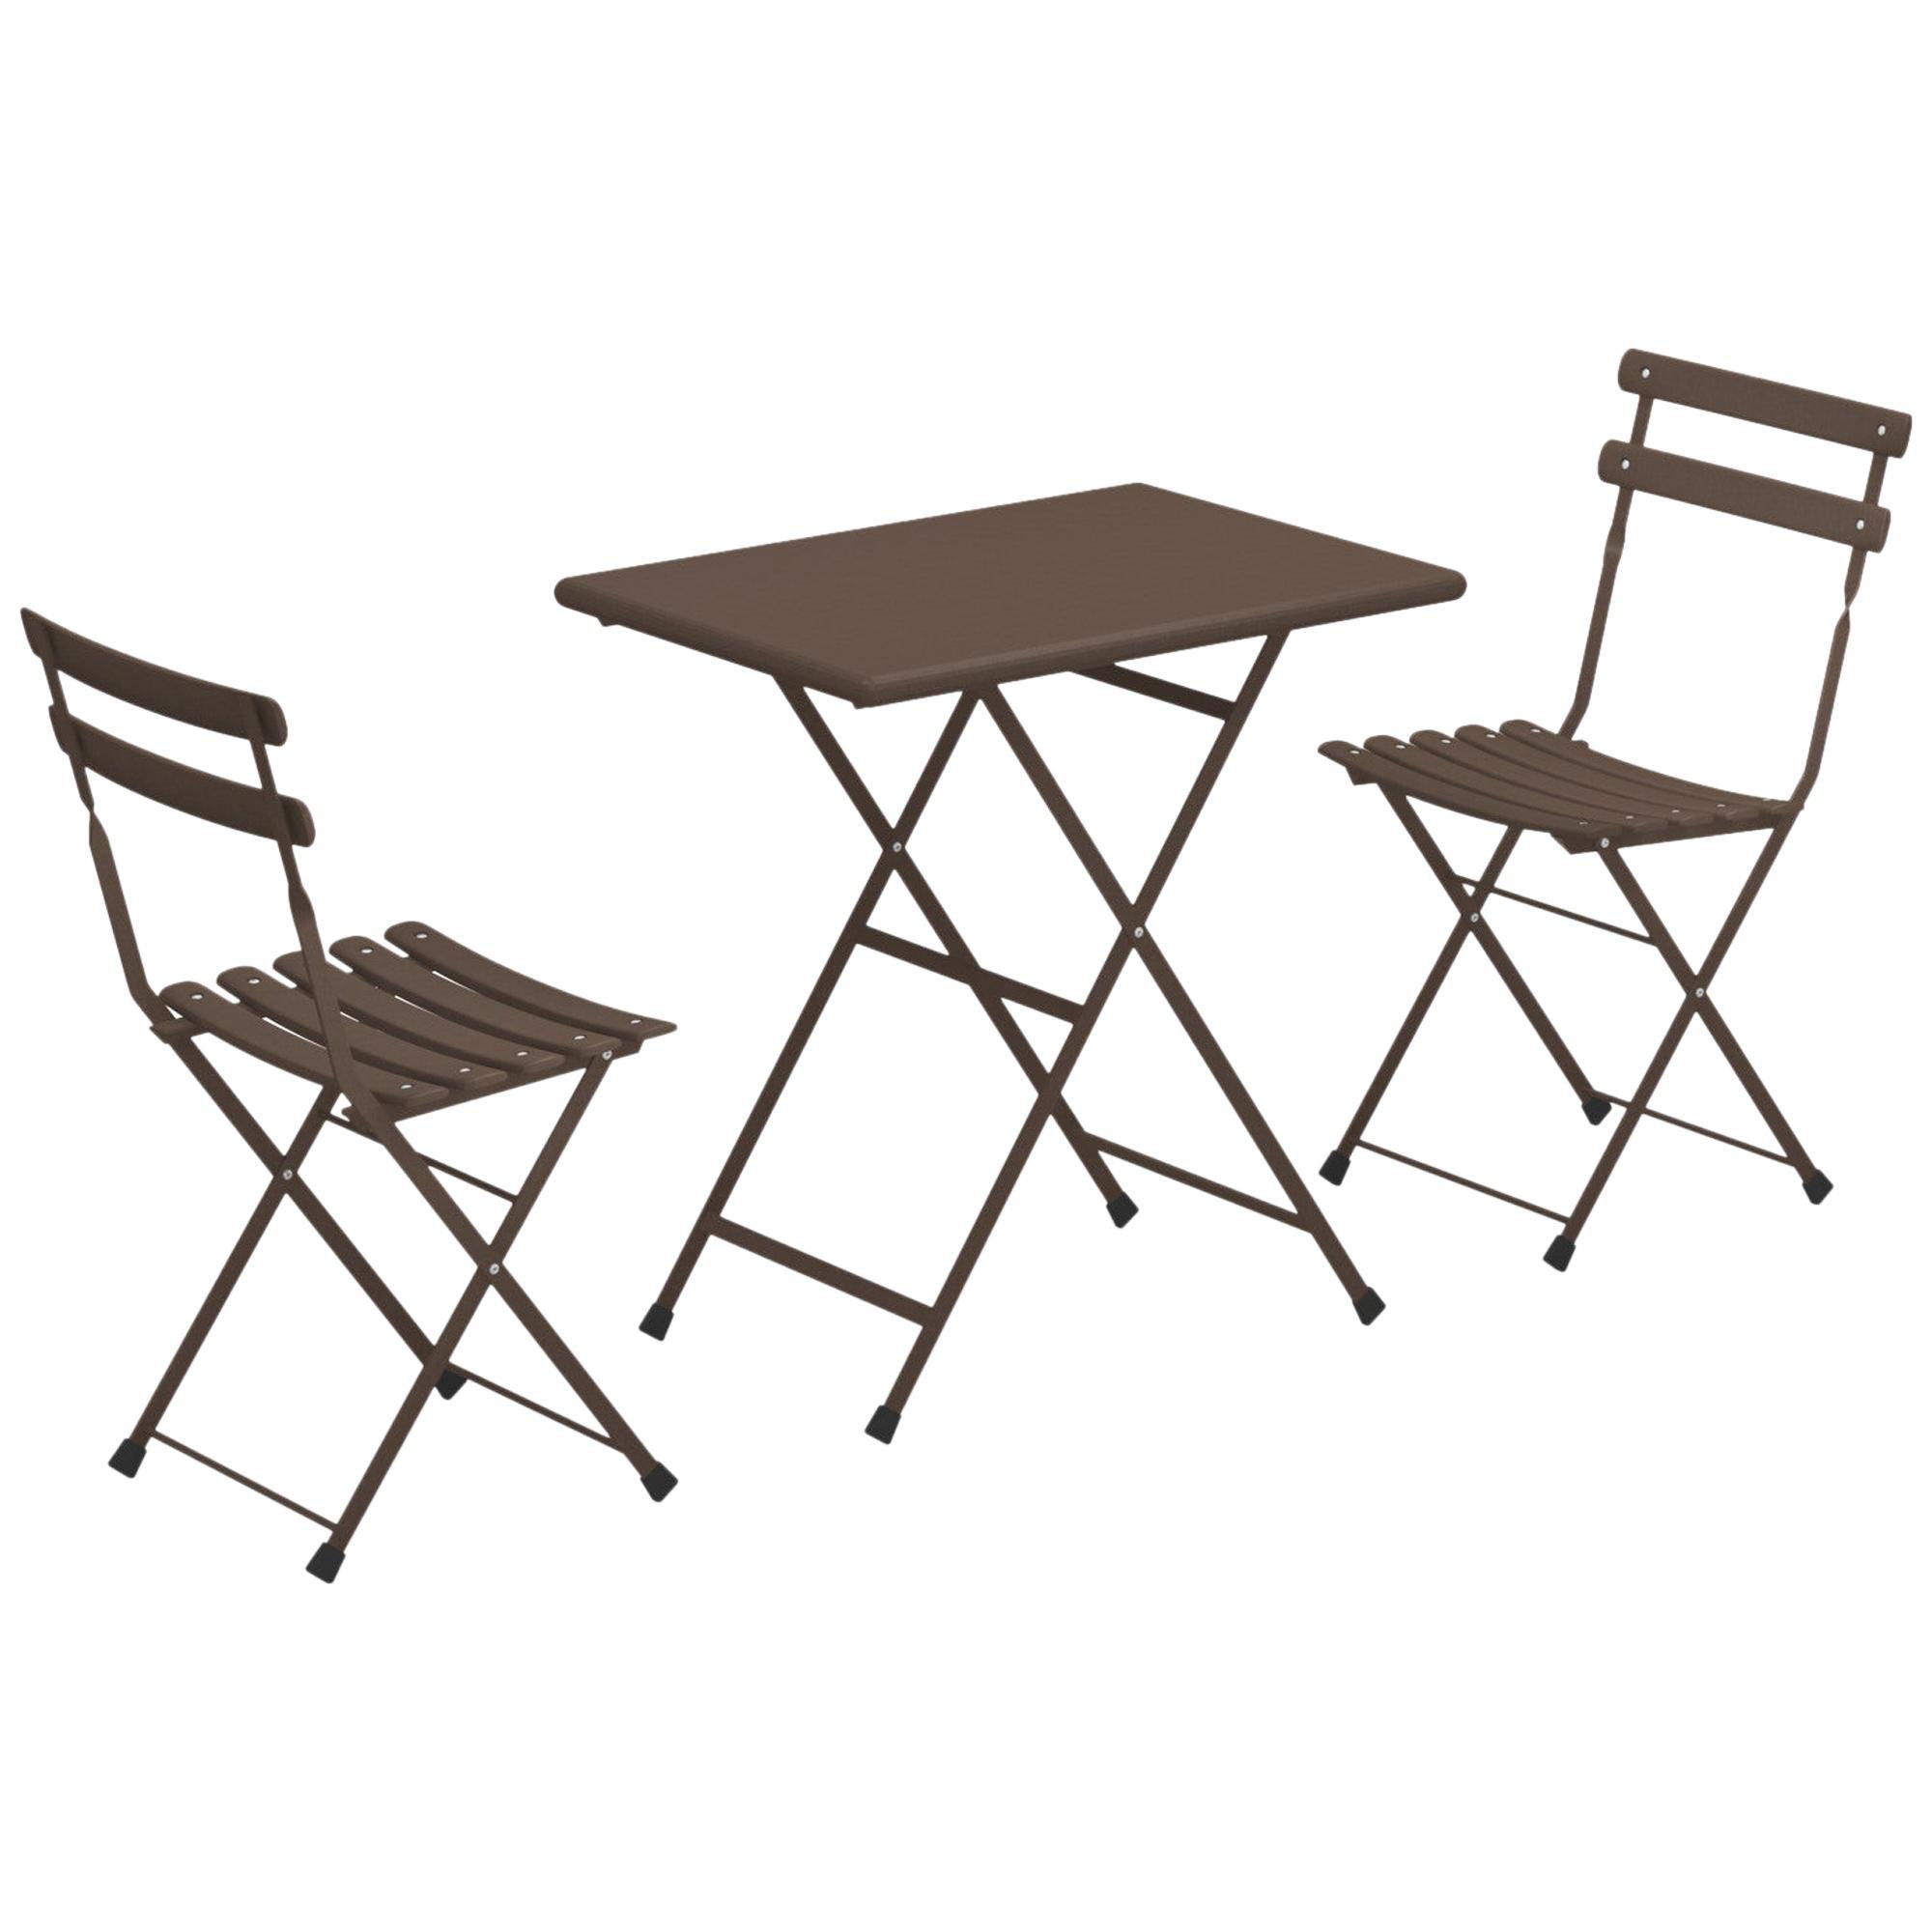 Steel EMU Arc en ciel - Set 2 folding chairs 1 folding table